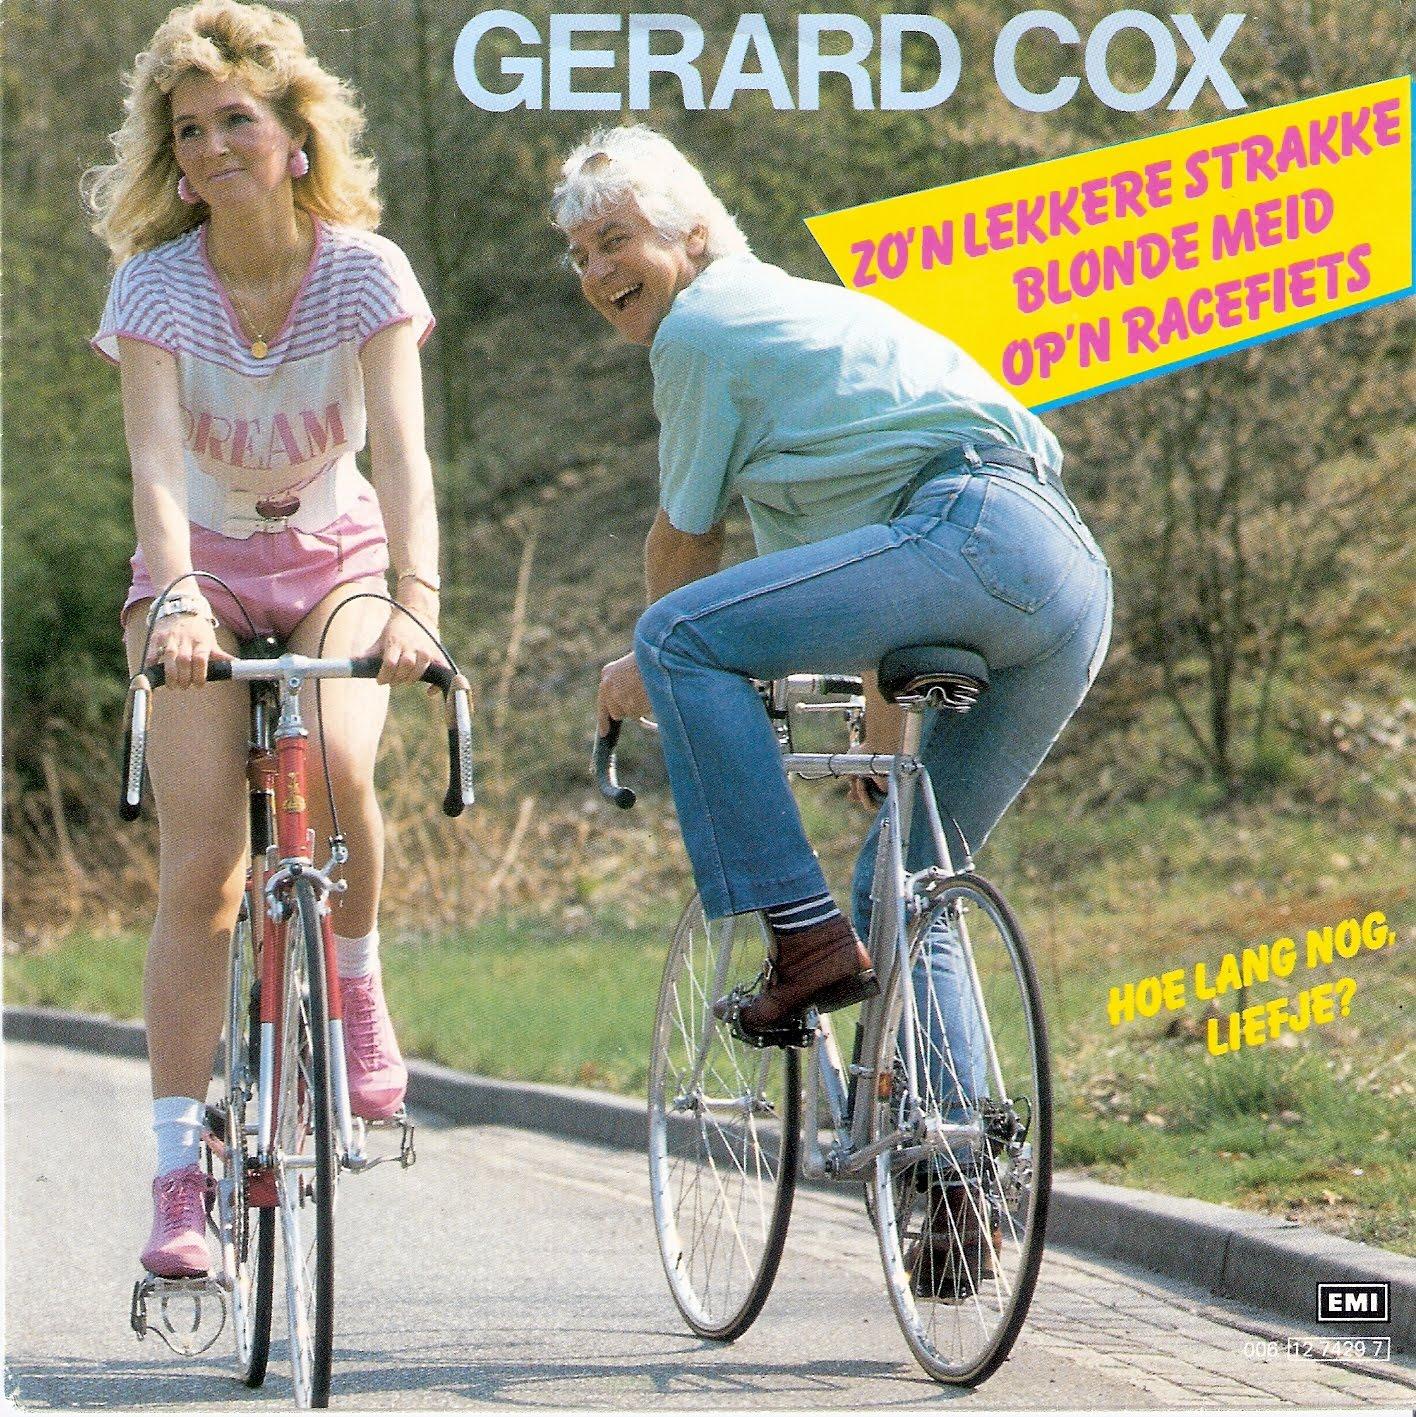 7 inch mania gerard cox zo 39 n lekkere strakke blonde meid op een racefiets - Een mooie kamer van een mooie meid ...